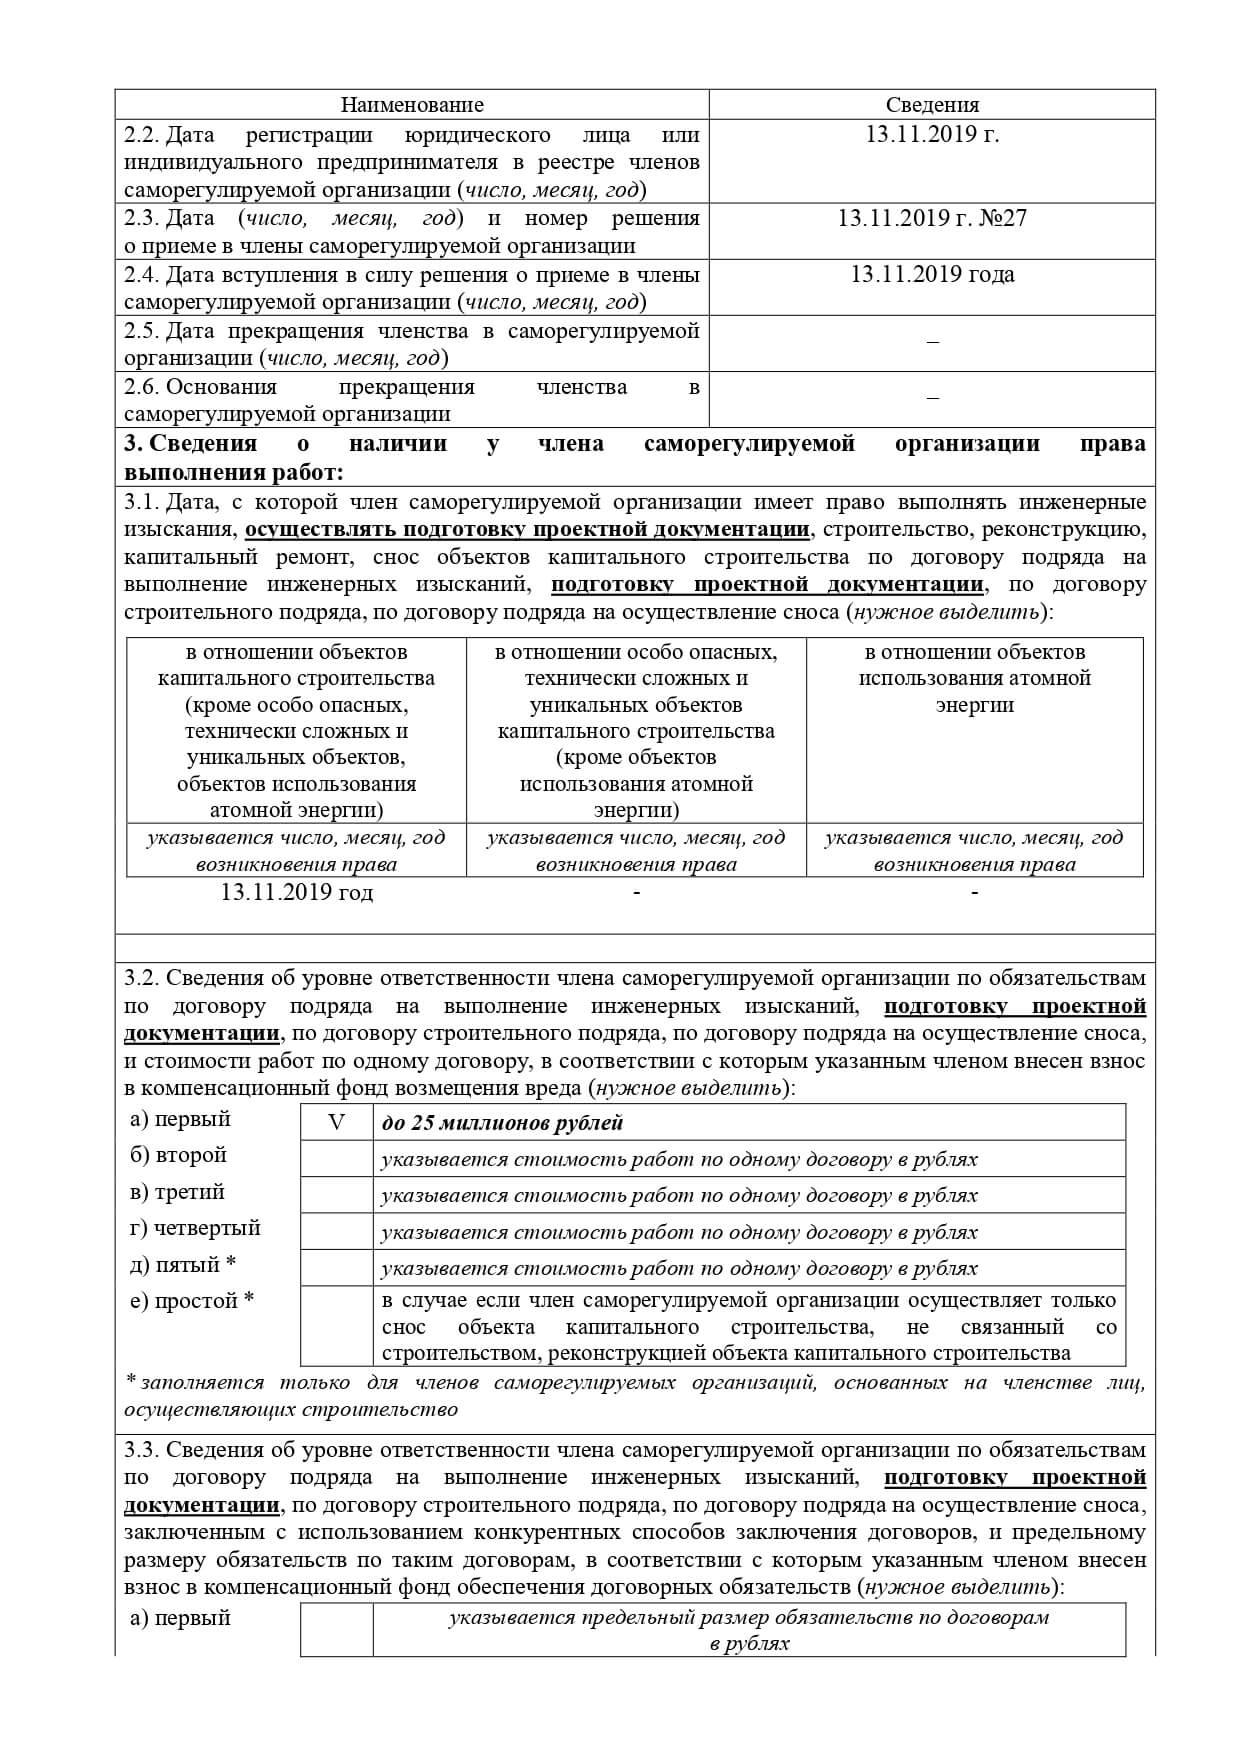 №1713 Выписка из реестра по форме №86 от 02.07.2020 ООО Специнжпроект_page-0002